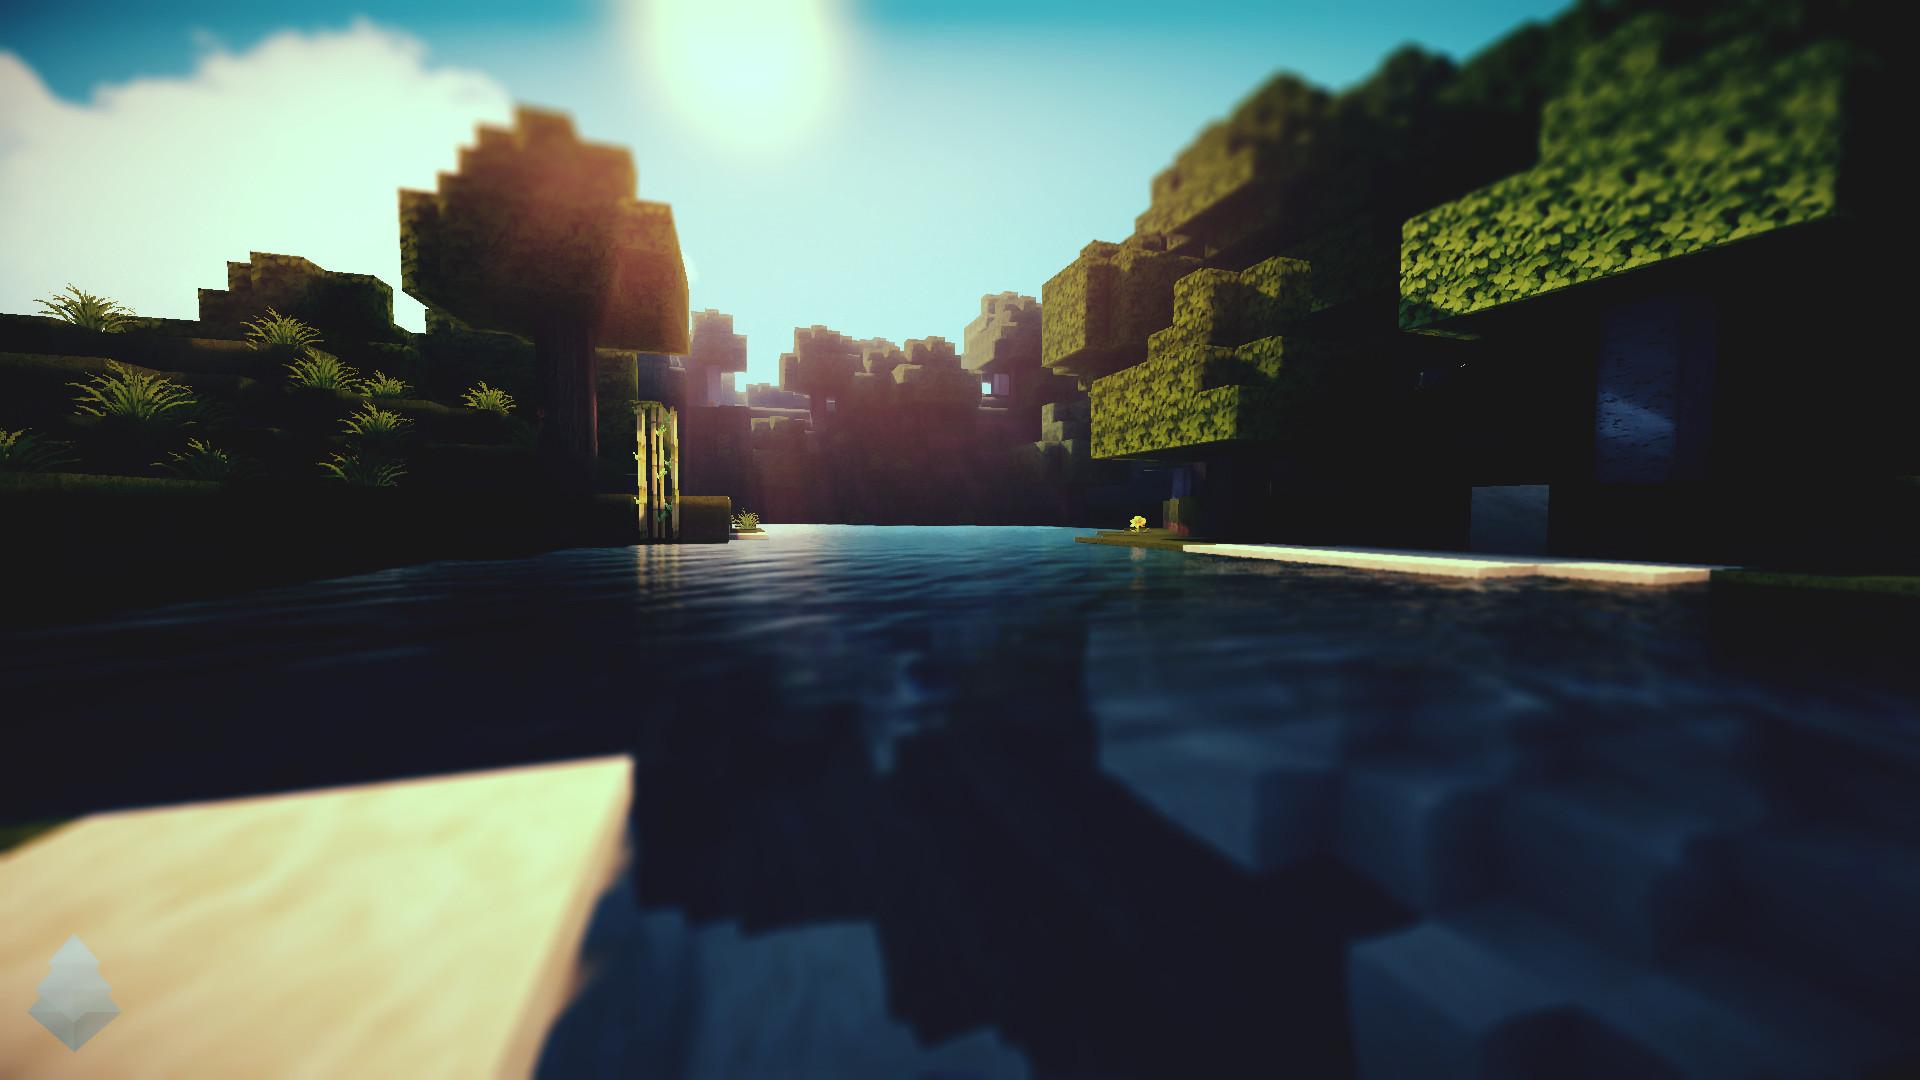 Hình nền Minecraft cực đẹp mặt nước trong